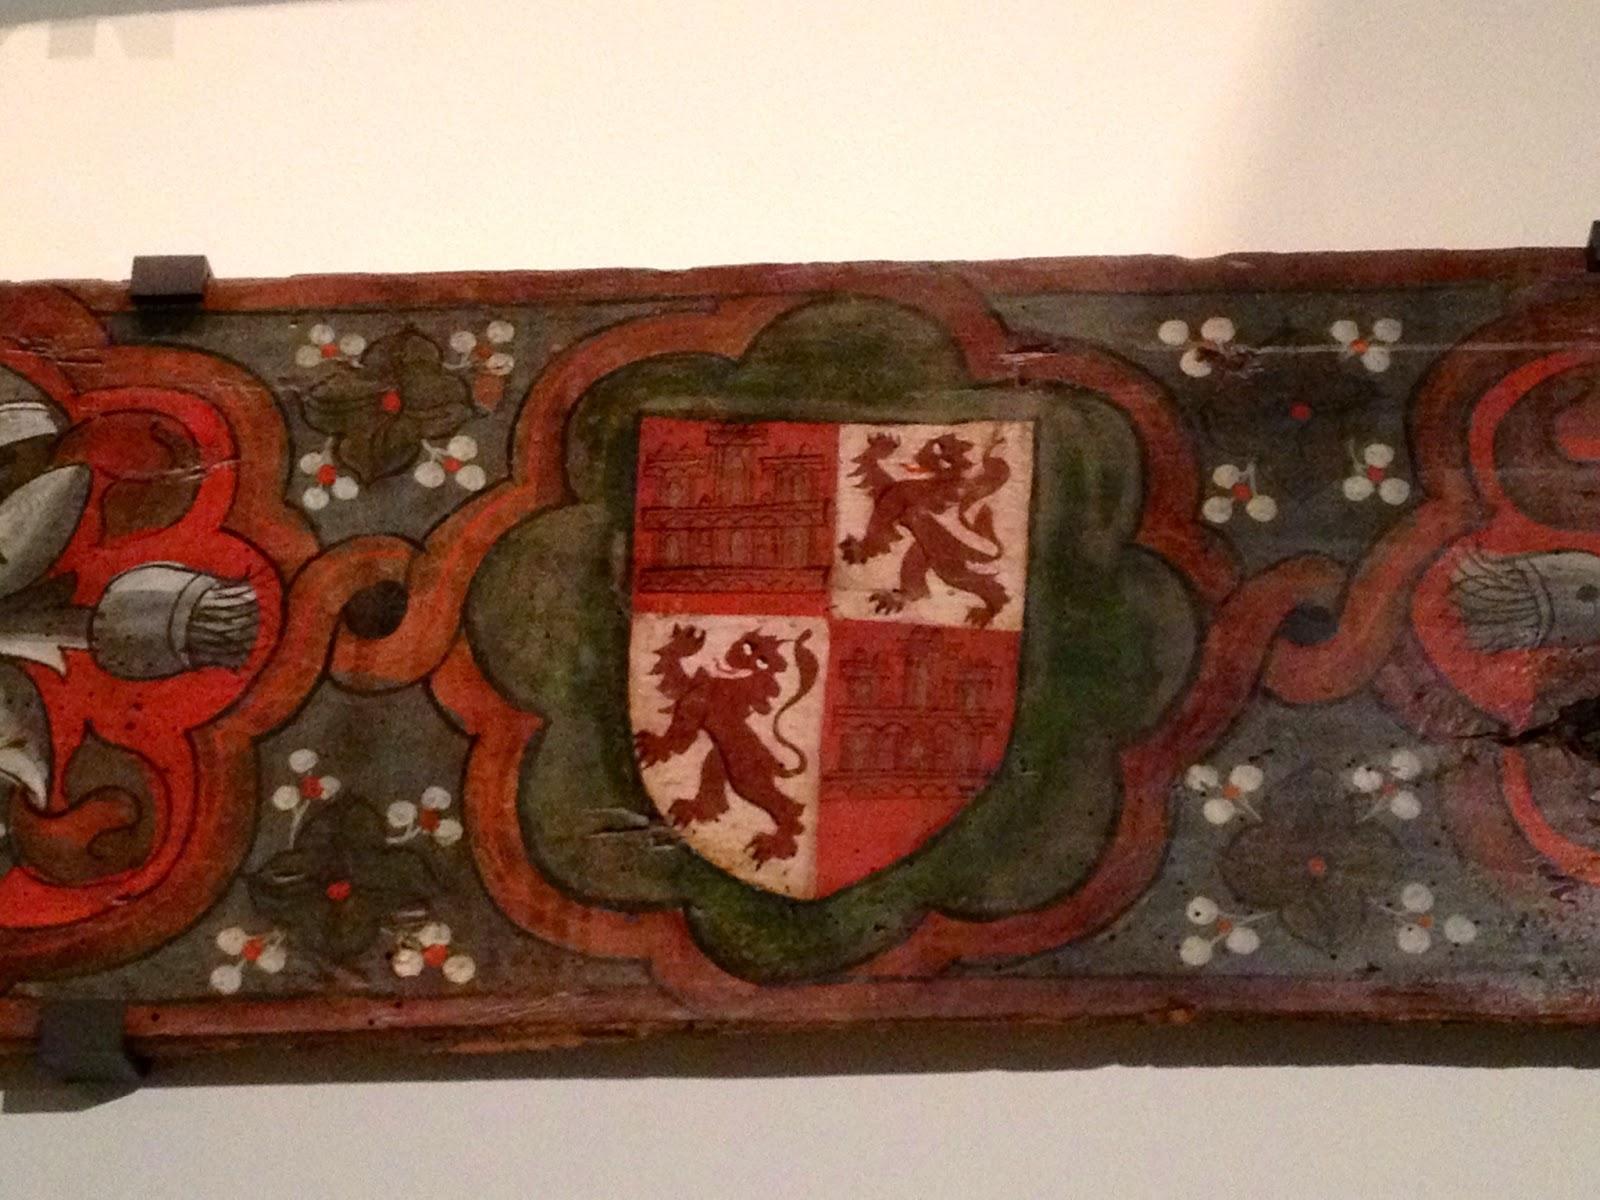 Escudo de los Reyes Católicos - RRCC - Museo Arqueológico Nacional - MAN - Madrid el troblogdita